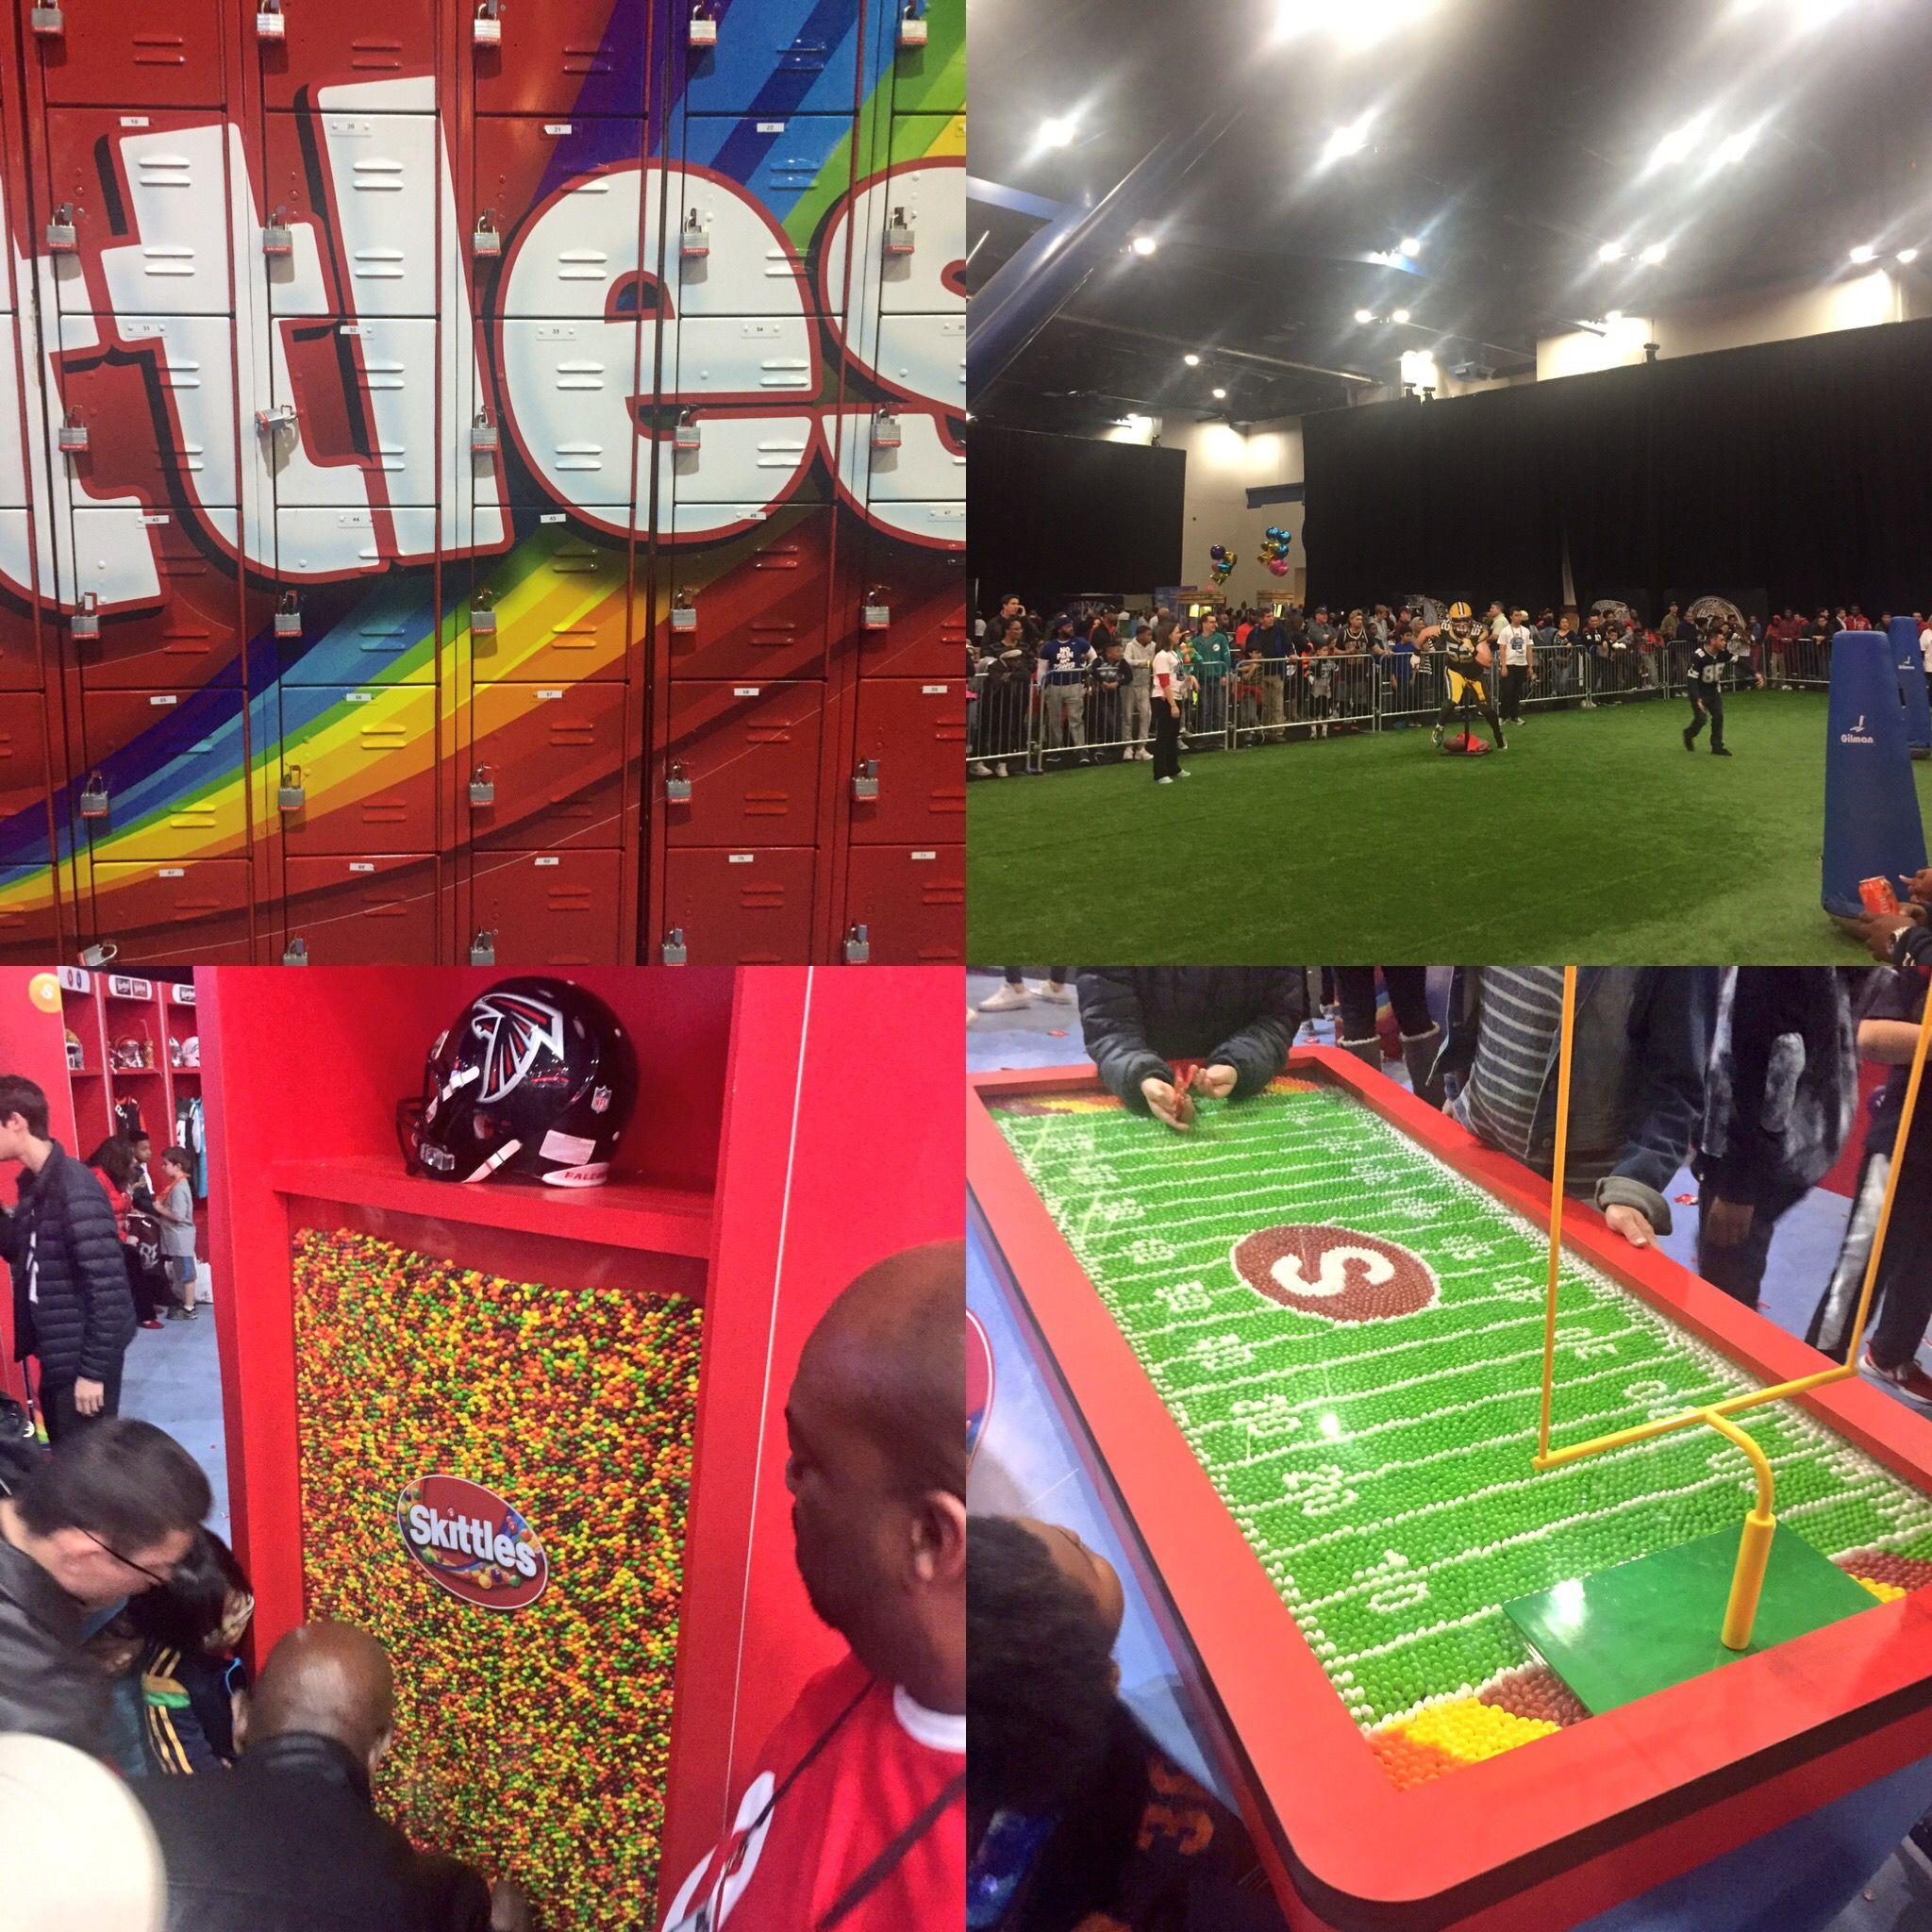 Nfl Experience Theme Park 2017 Sb51 Super Bowl